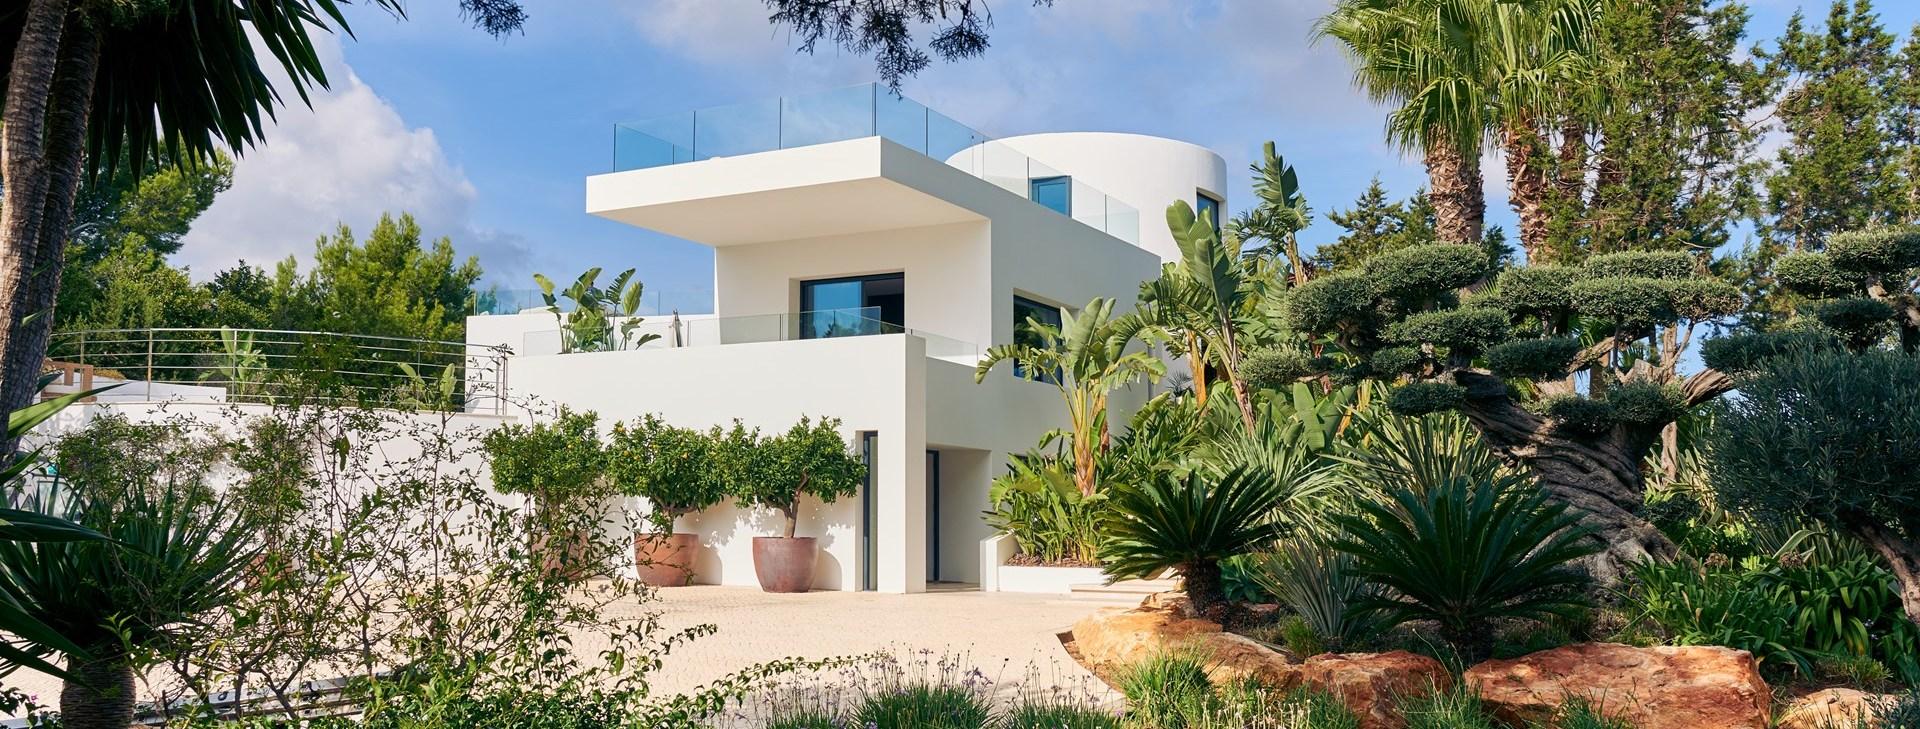 villa-can-castello-side-facade